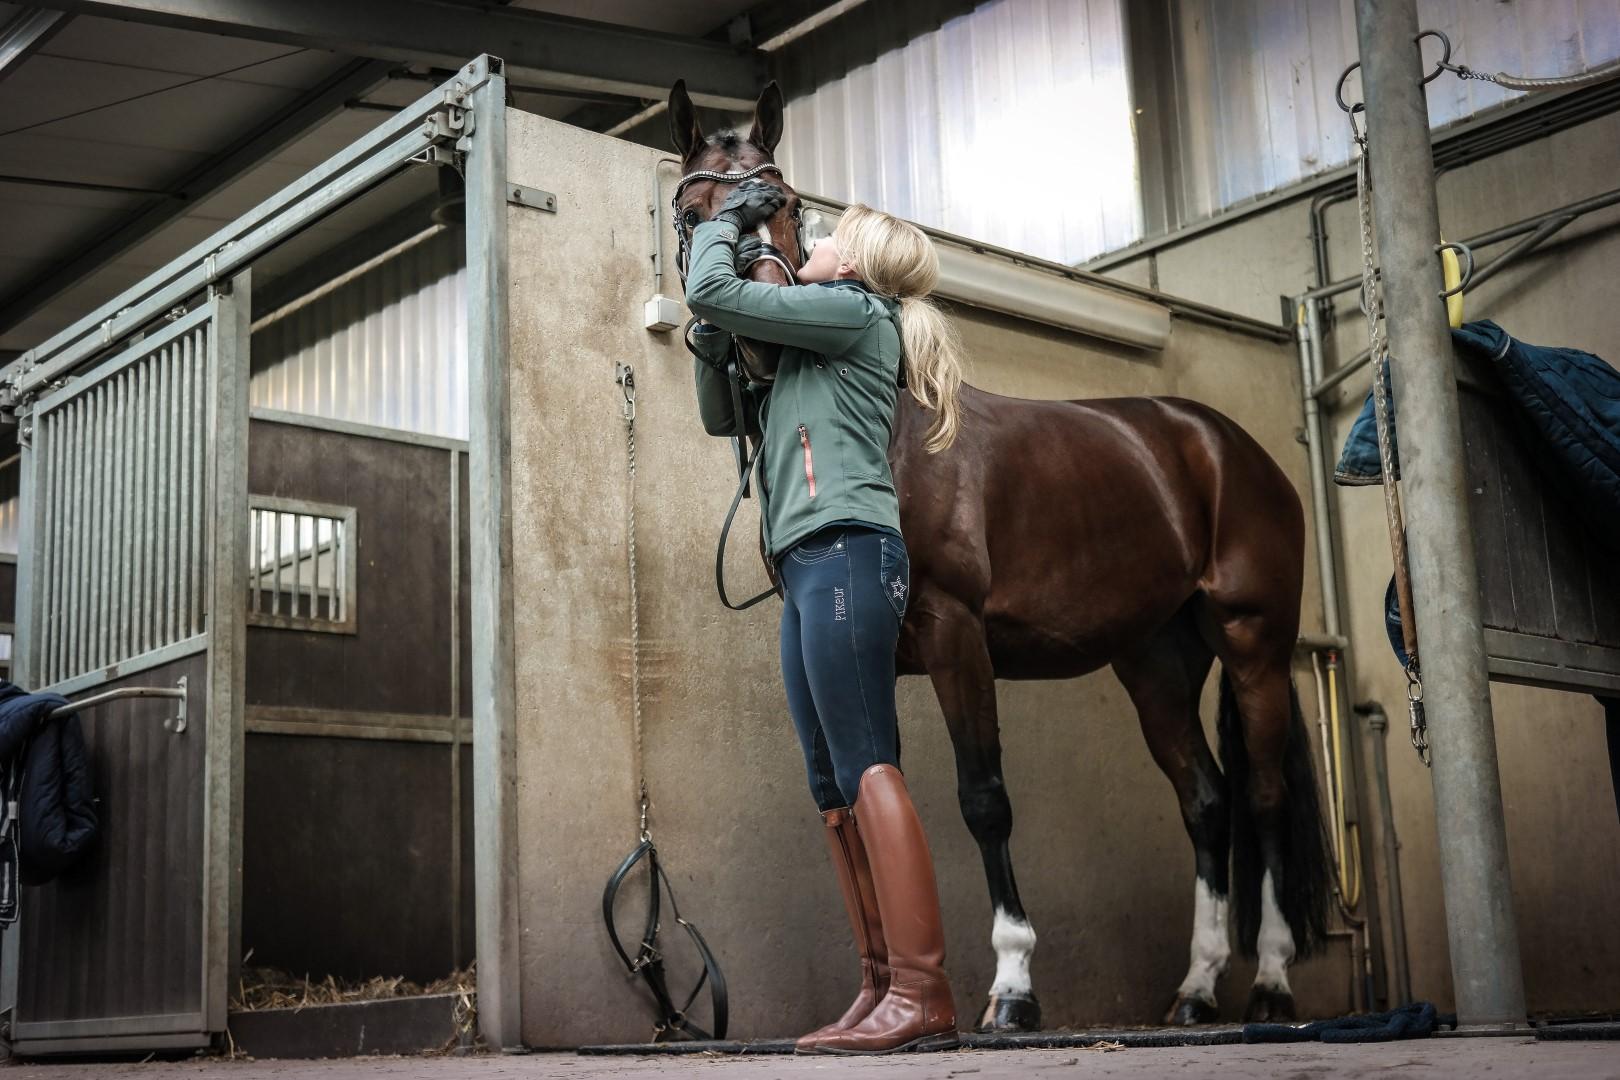 Приобретение лошади. Коротко о главном - фото ingecoenen_com, главная Содержание лошади Тренинг , конный журнал EquiLIfe